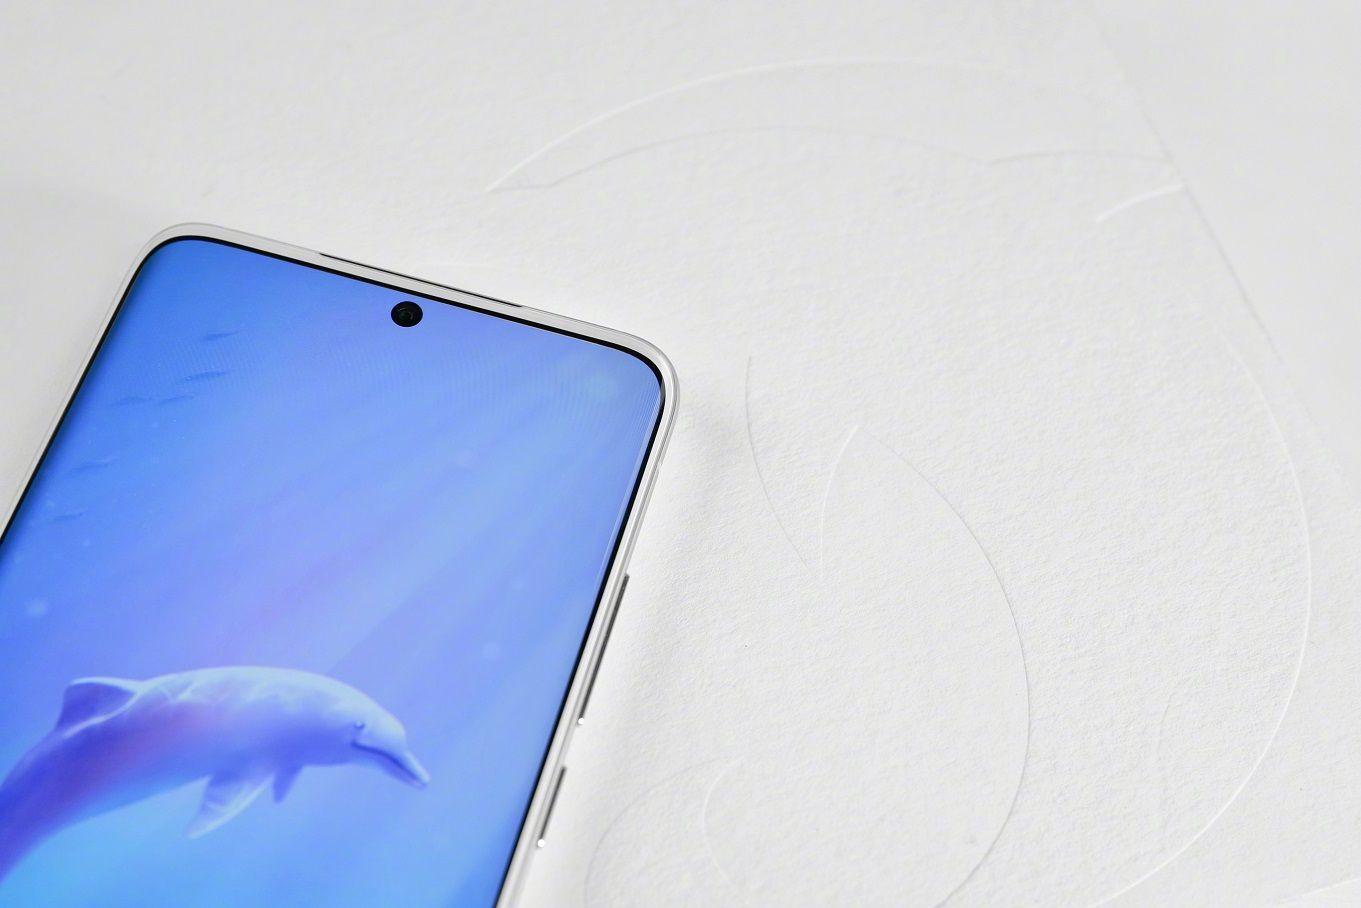 Meizu 18 中華白海豚珍稀版を誤って破損させた場合、白ベゼルから黒ベゼルへ交換